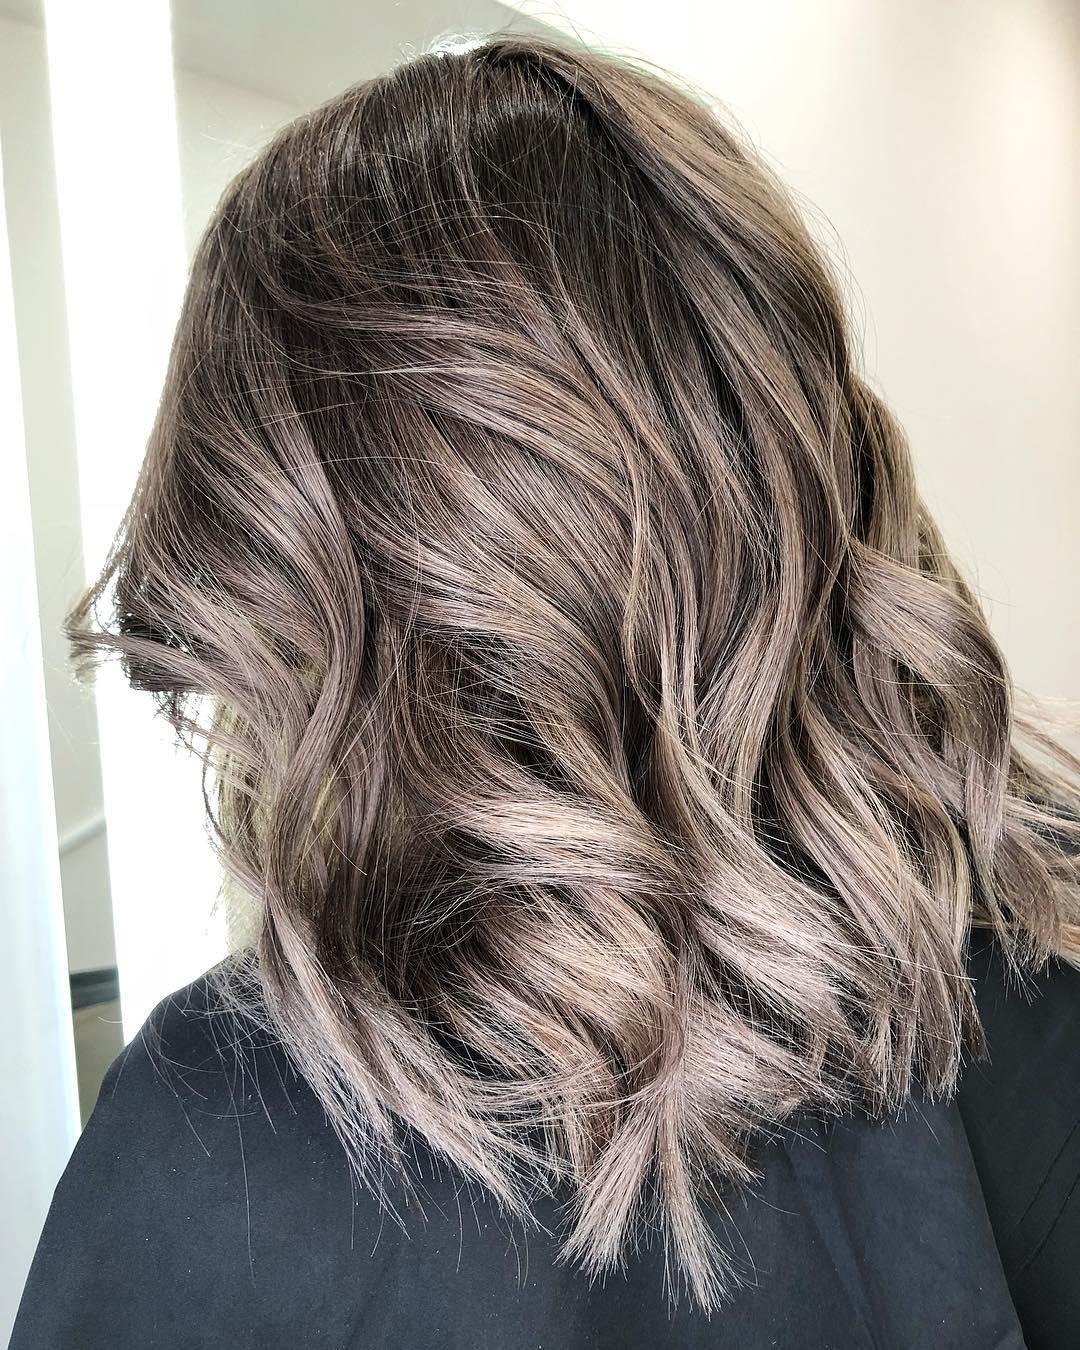 Balayage Hair Styles For Medium Length Hair Nicestyles